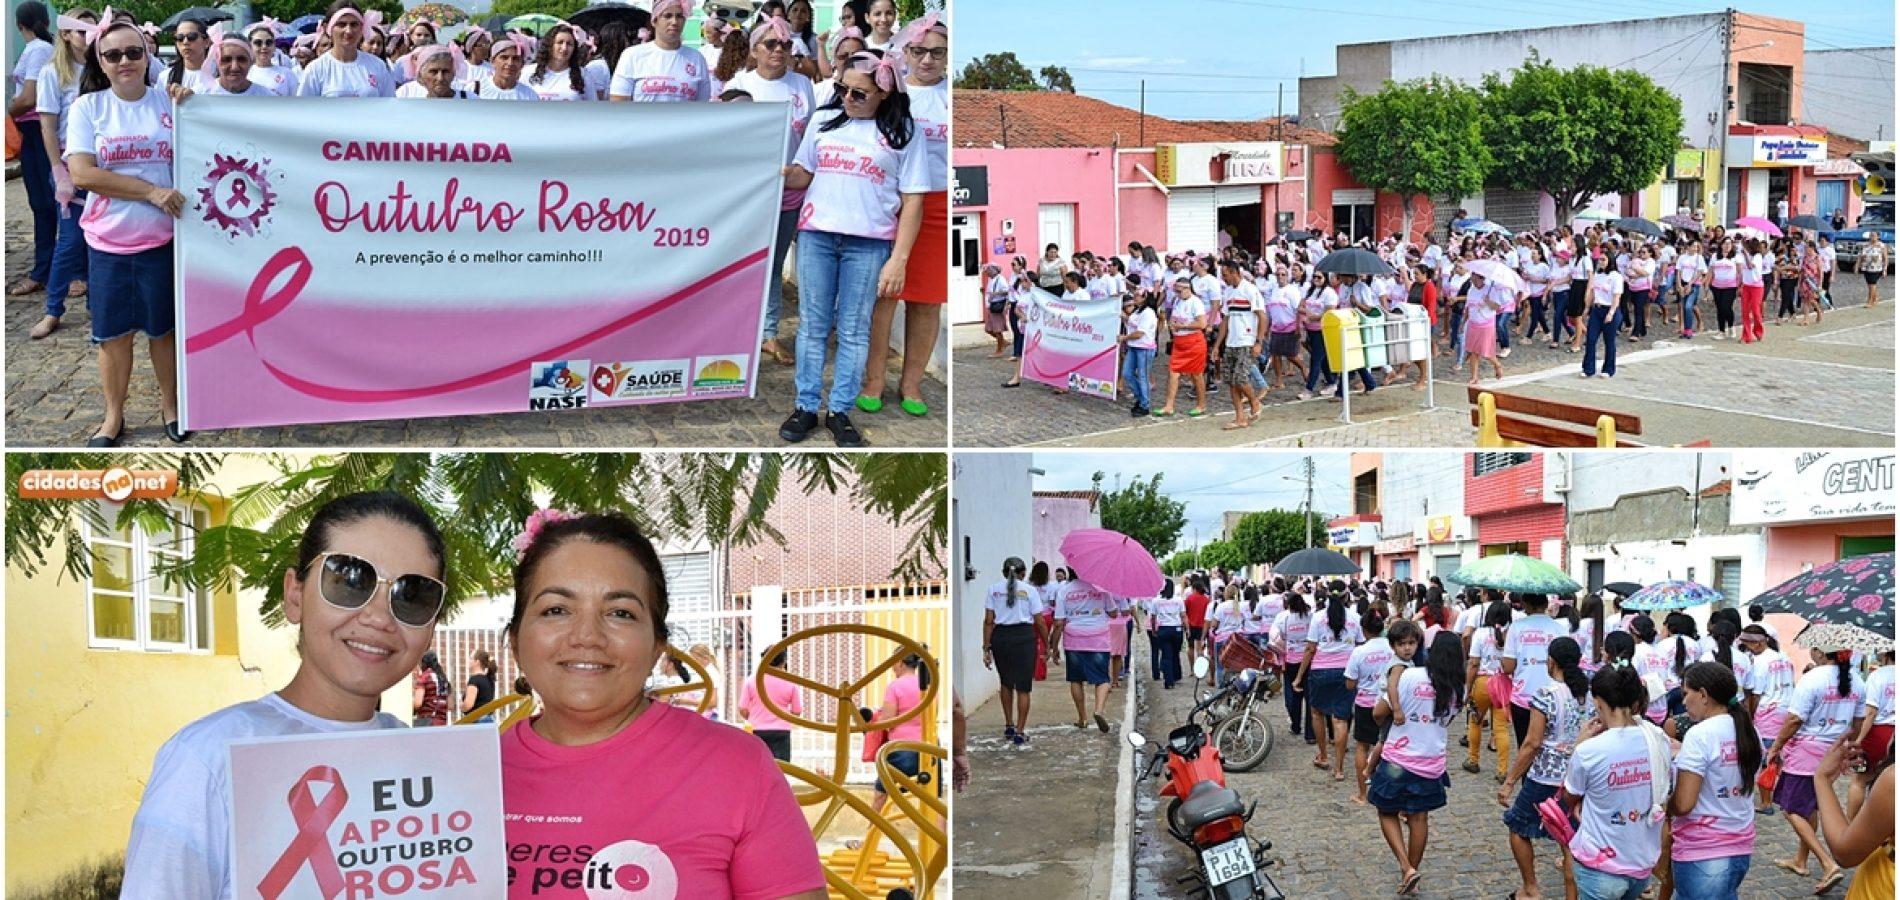 Secretaria de Saúde de Curral Novo do Piauí realiza caminhada em alusão ao Outubro Rosa